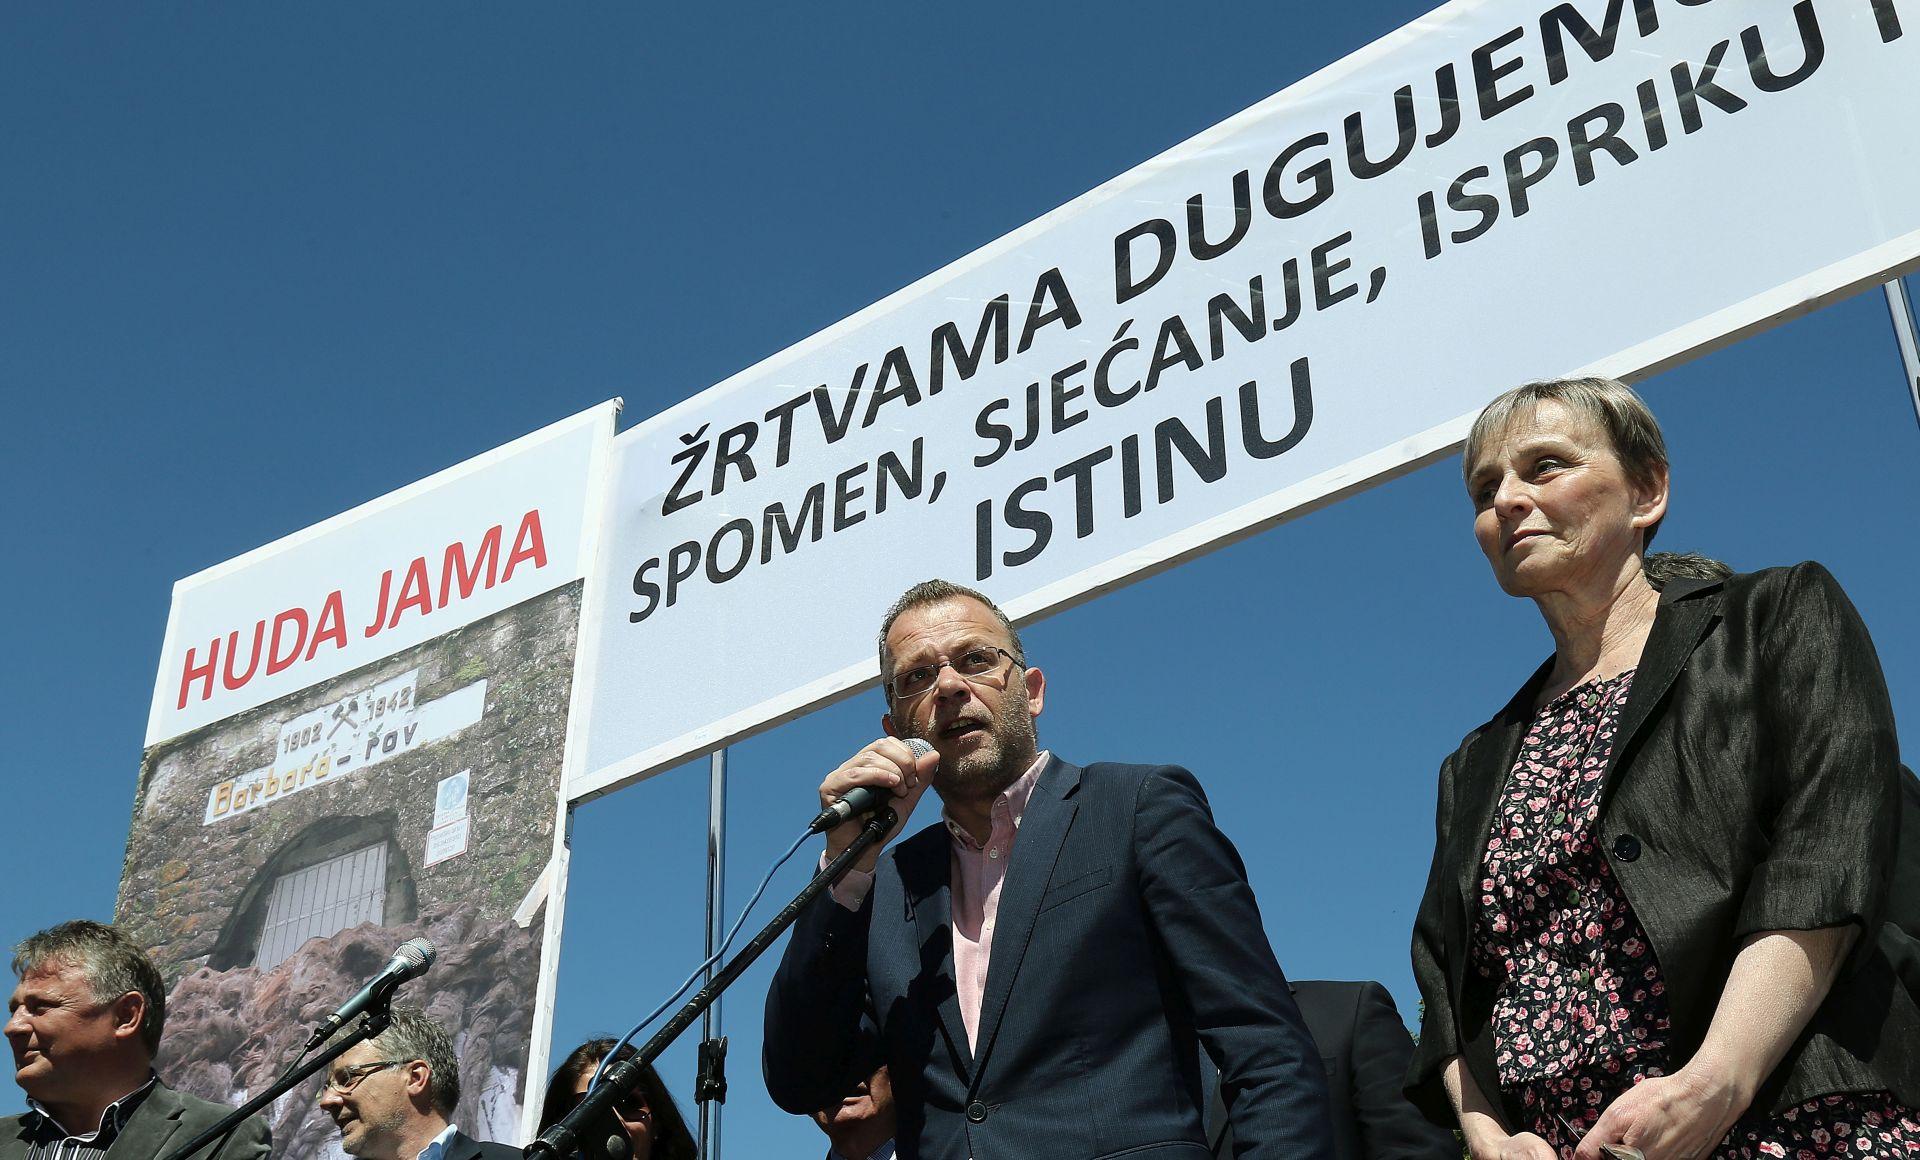 Zlatko Hasanbegović ne očekuje da će ga izbaciti iz HDZ-a